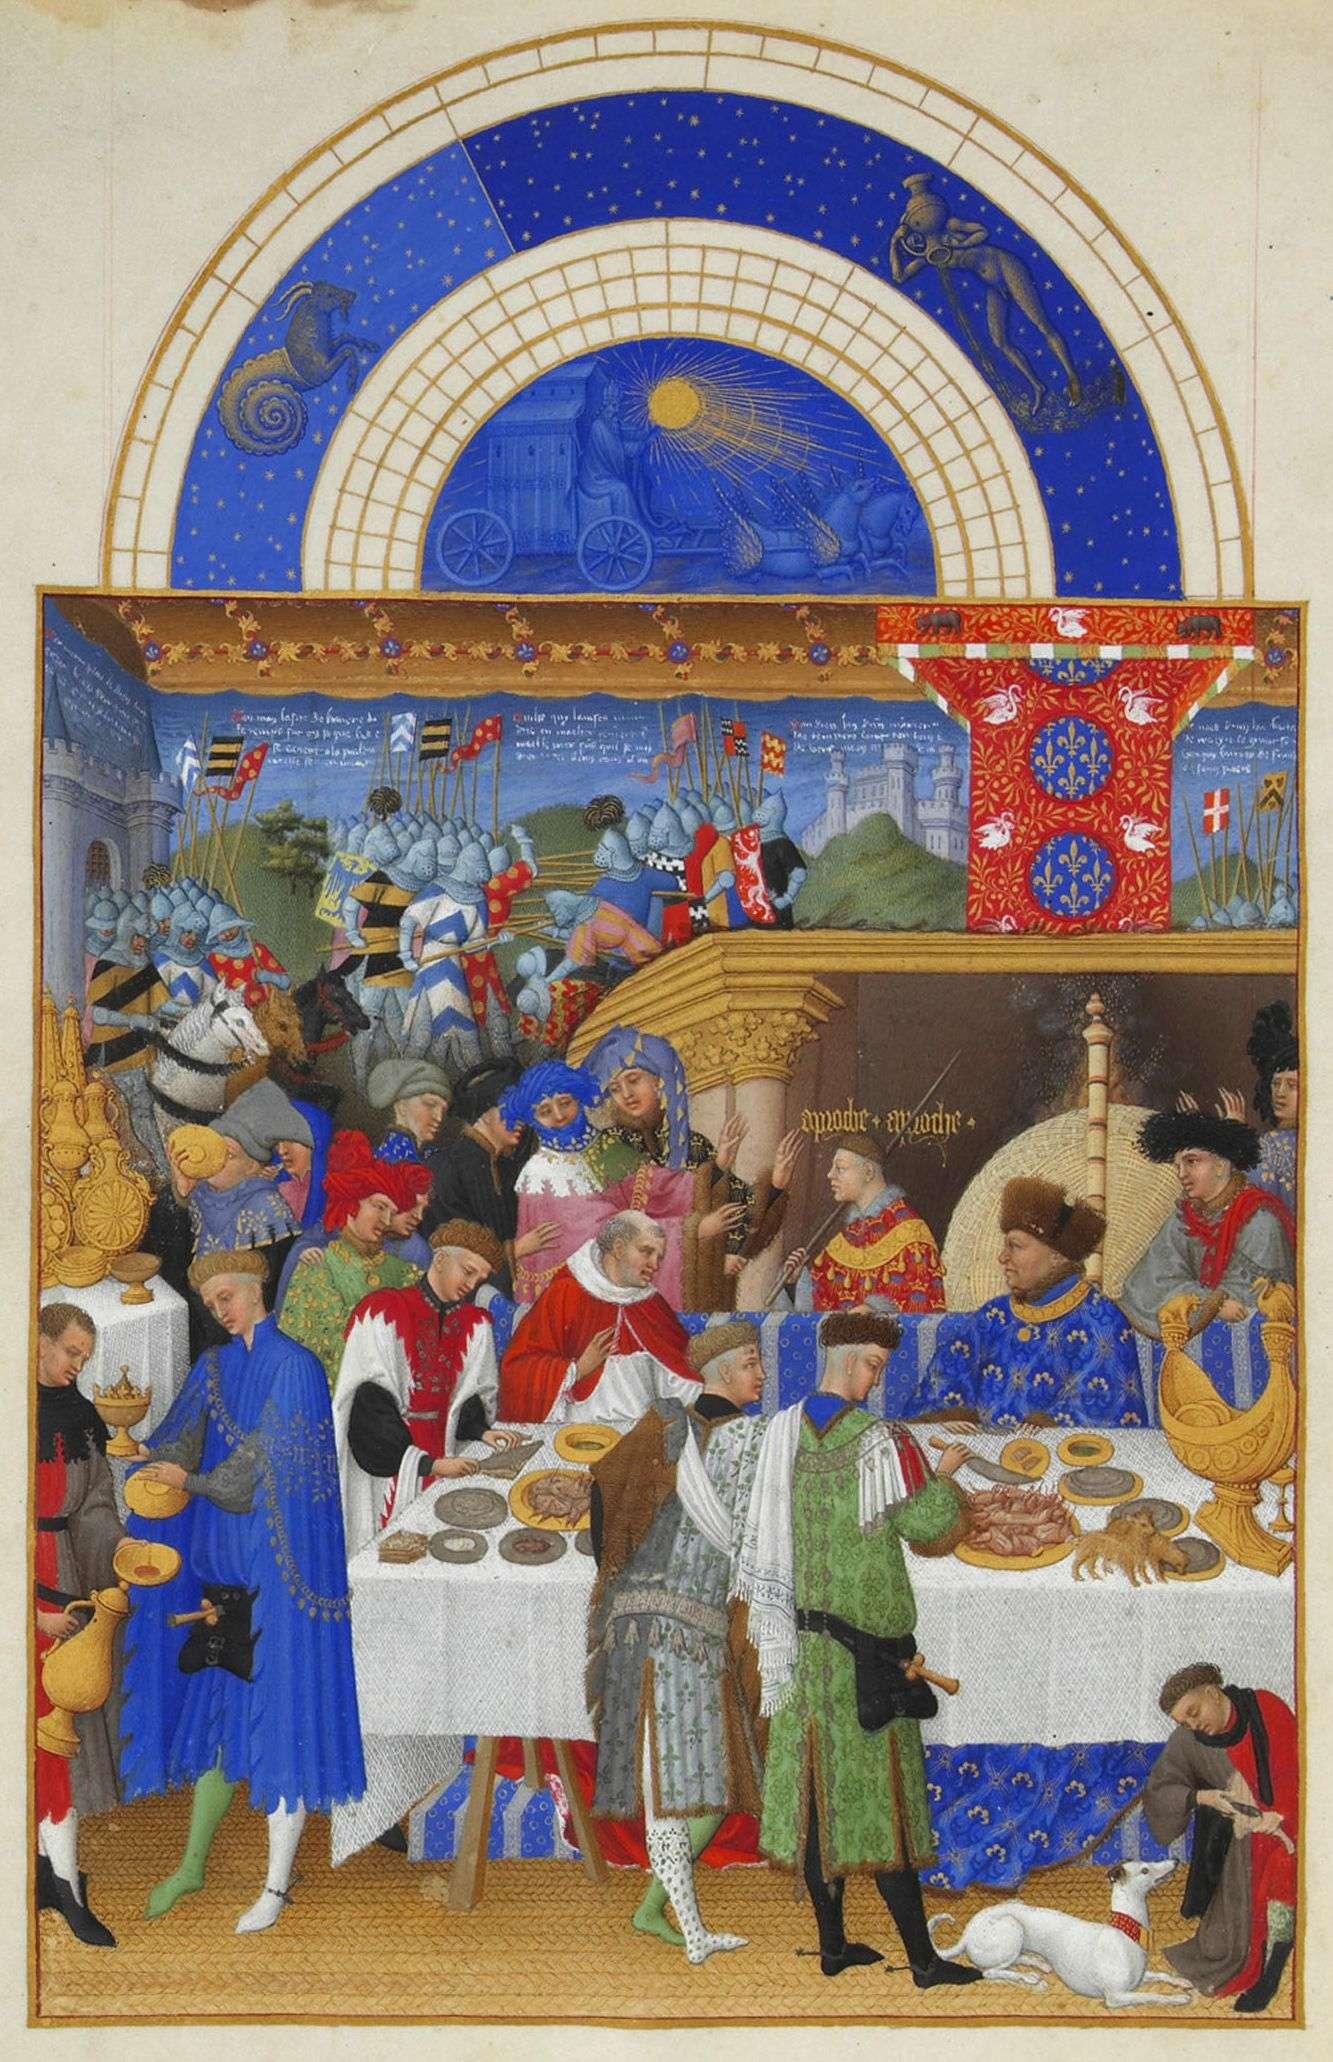 Αδελφοί Λίμπουρχ: Σελίδα από το ημερολόγιο του «Πολύ πλούσιου βιβλίου Ωρών του Δούκα του Μπερί», το διασημότερο και καλύτερα σωζόμενο δείγμα της γοτθικής παραγωγής εικονογραφημένων χειρογράφων (περ. 1415).